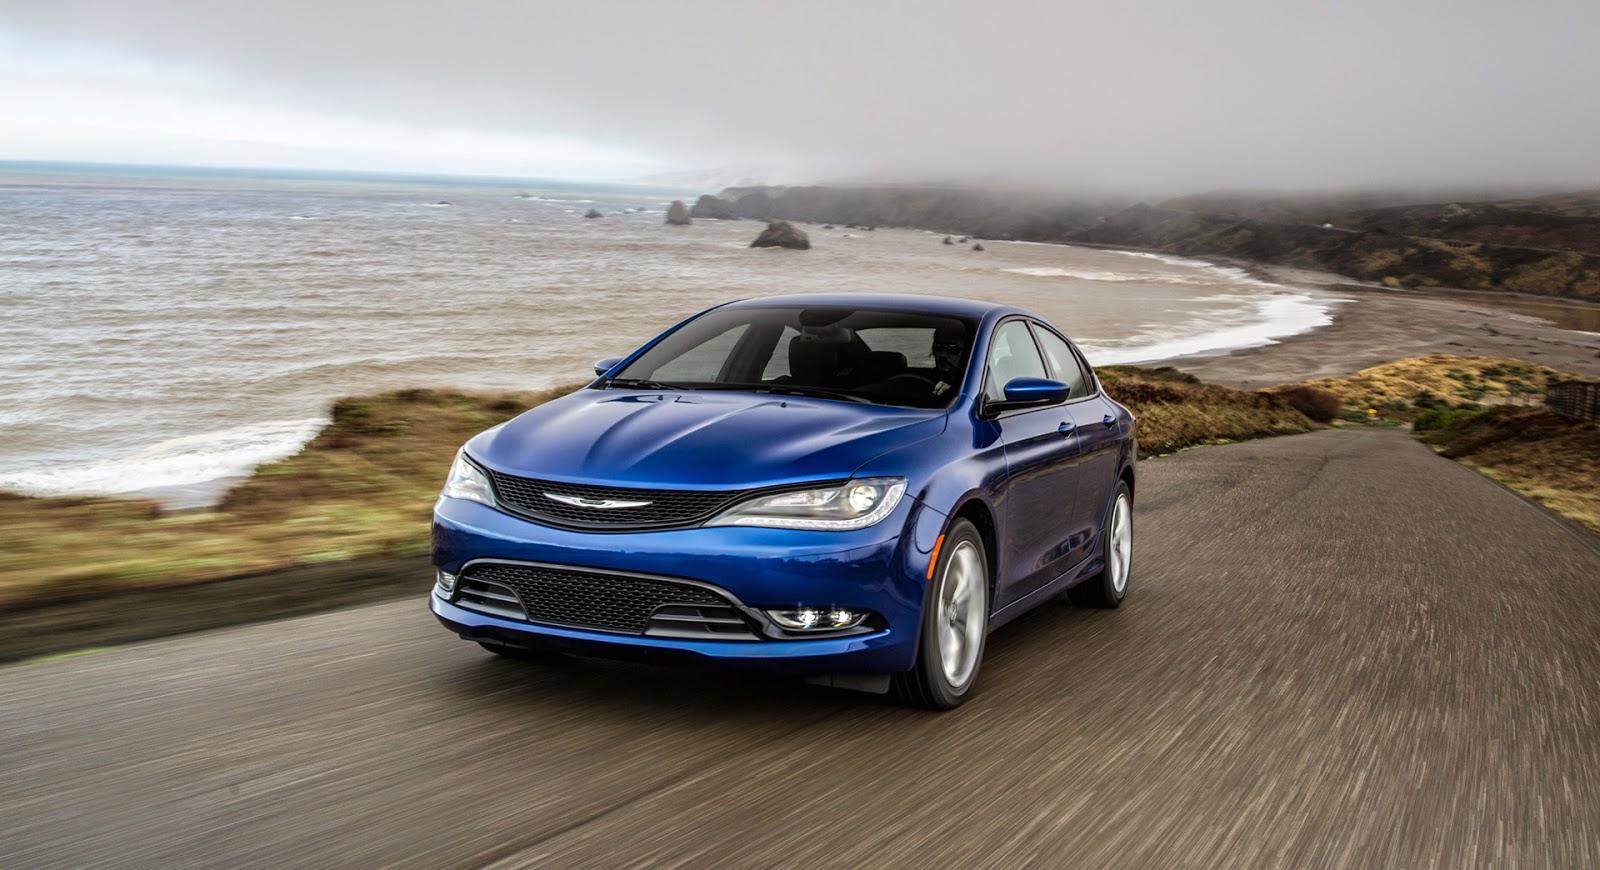 2015 Chrysler 200 Midsize Sedan is Reimagined